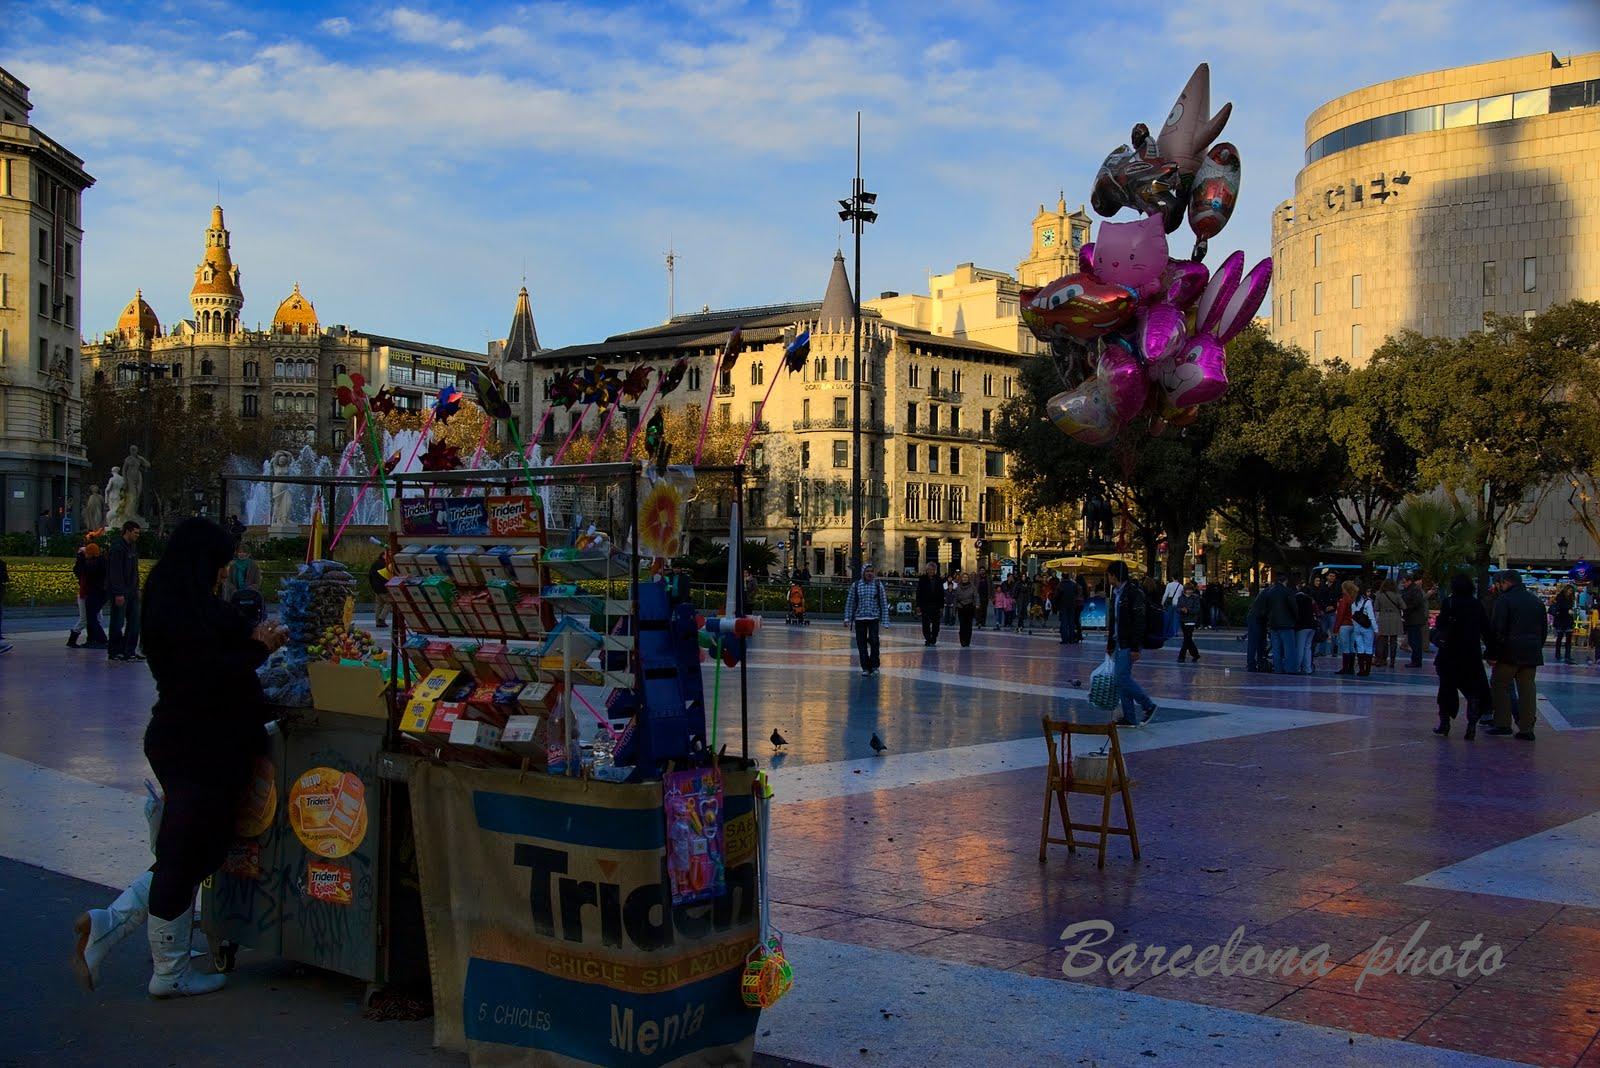 Pla a de catalunya barcelona barcelona photo - Casco antiguo de barcelona ...